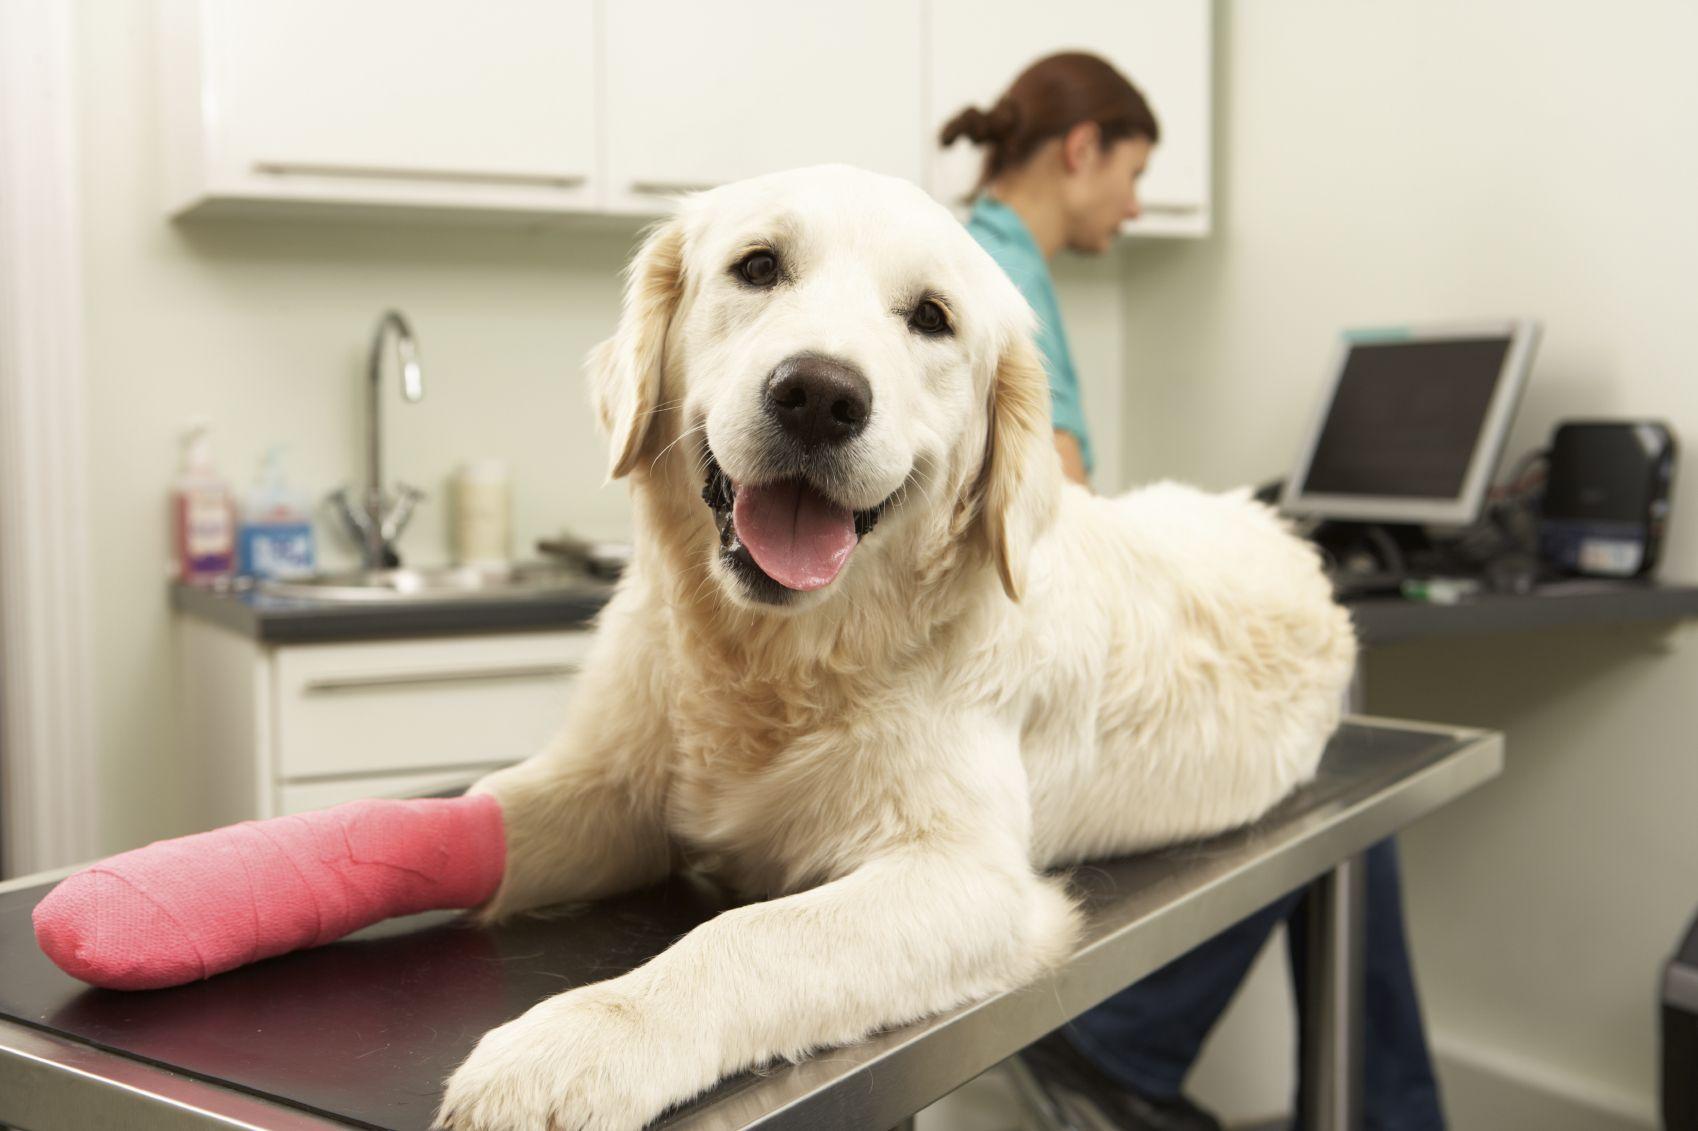 Pet Insurance Comparison Infographic Pet insurance, Pet